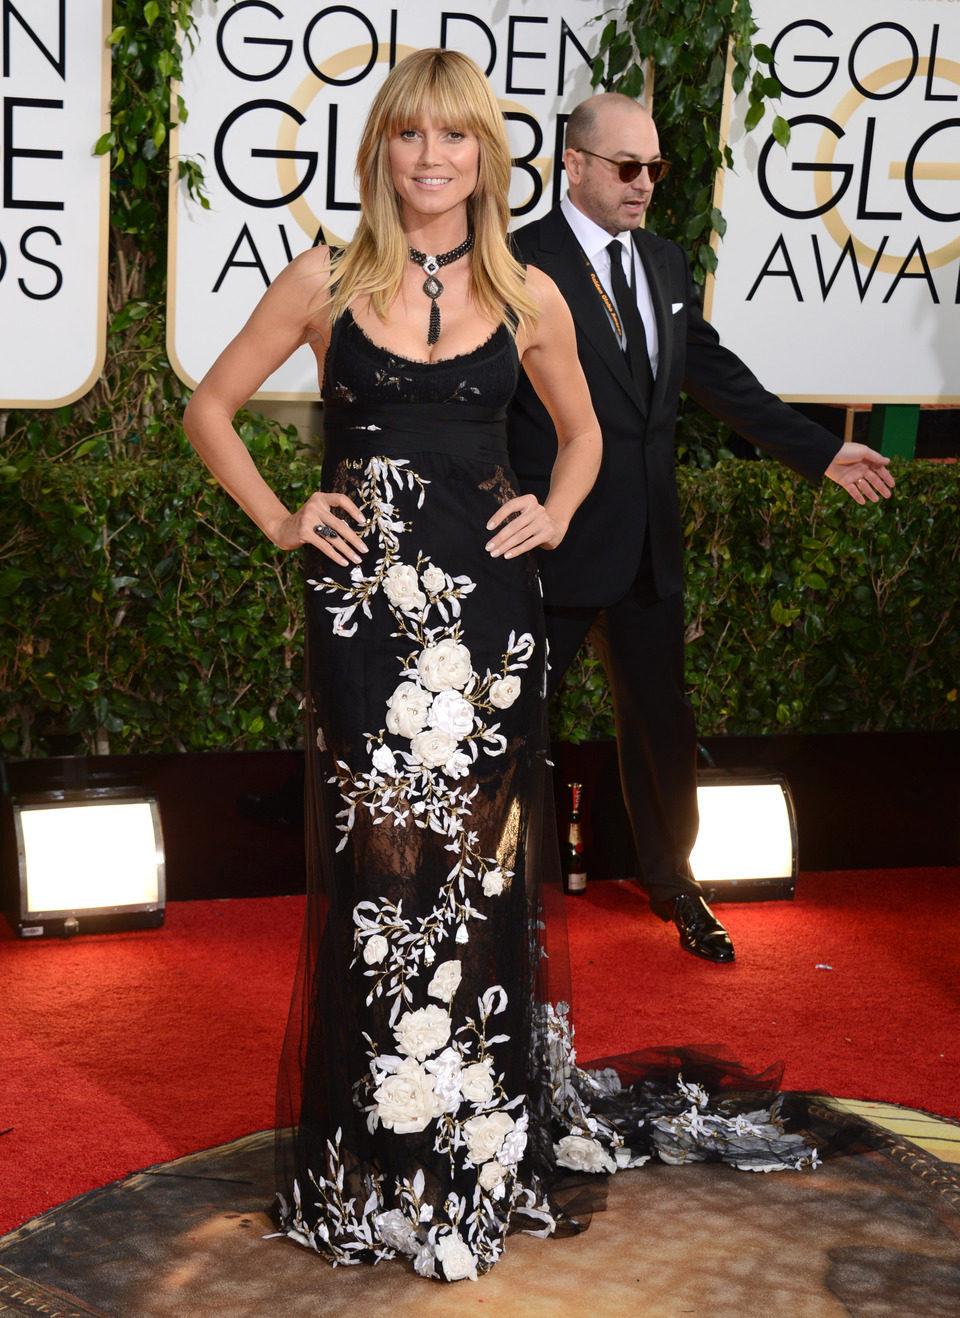 Heidi Klum en los Globos de Oro 2014